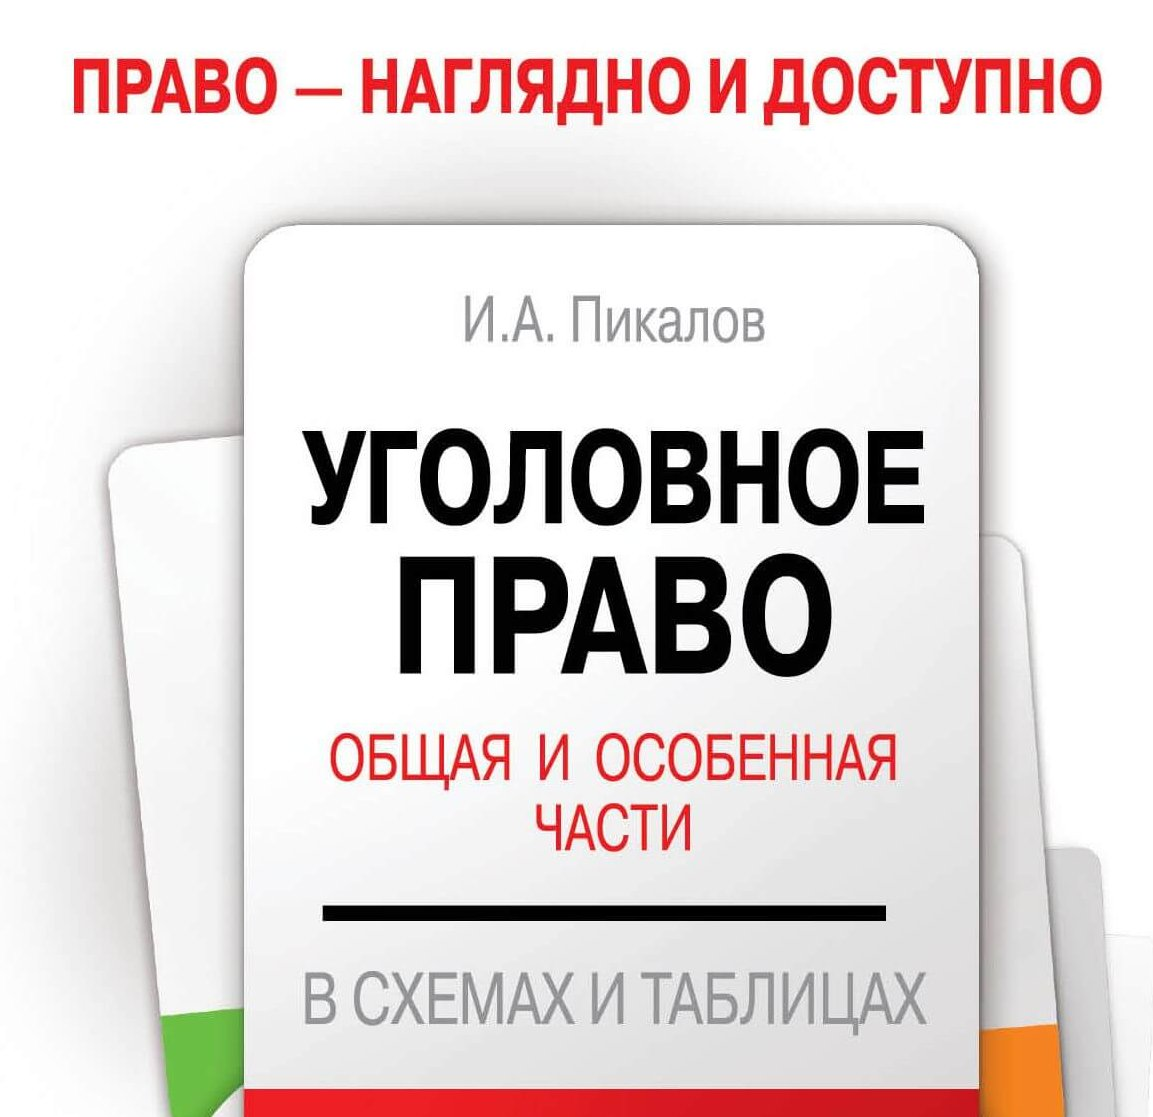 Право схемах и таблицях